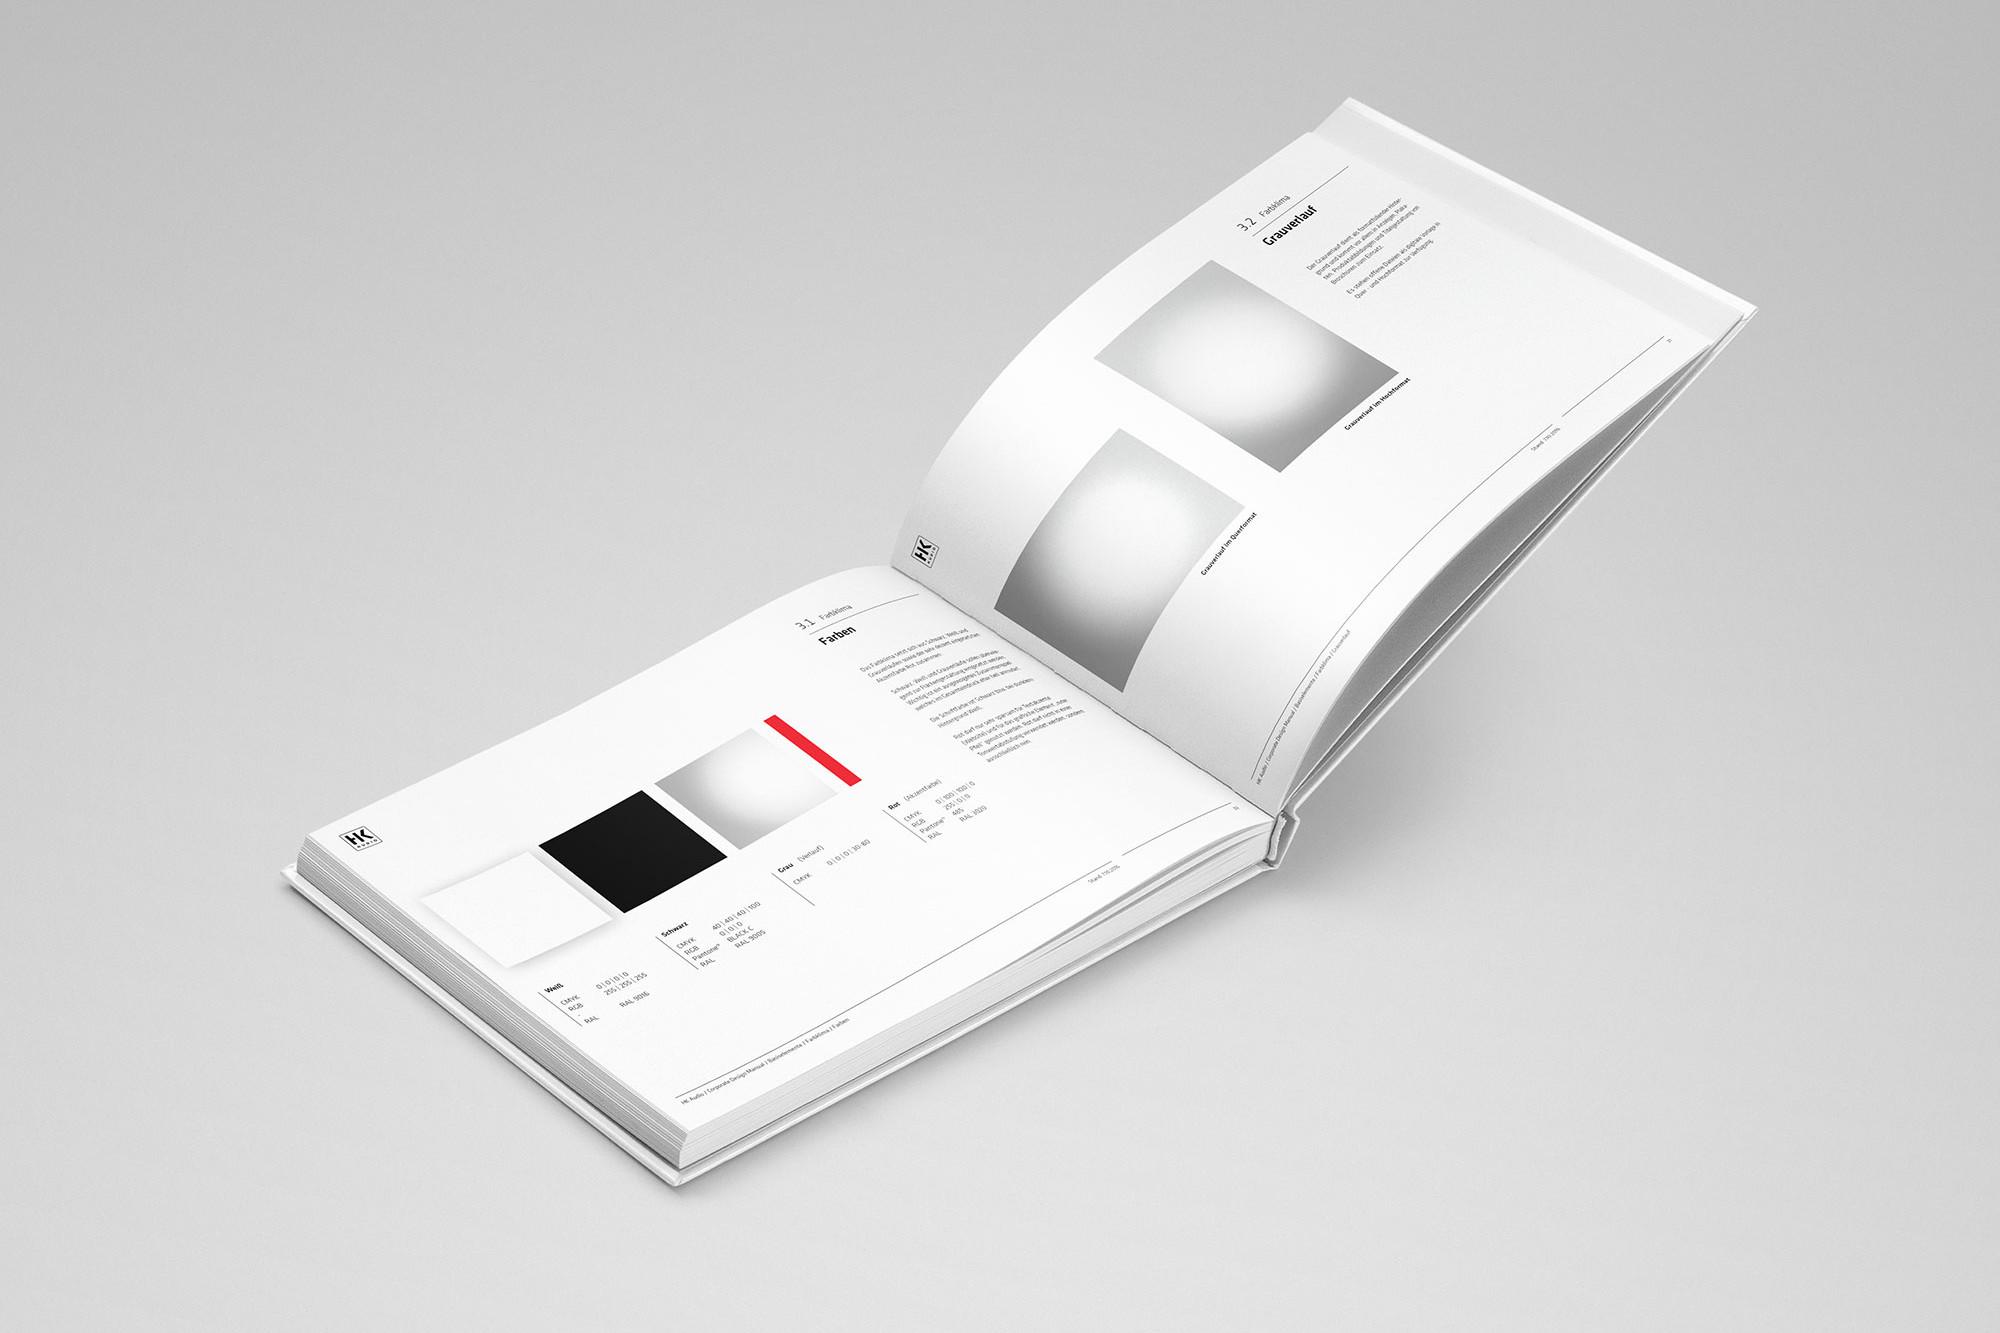 HK Audio CD Manual